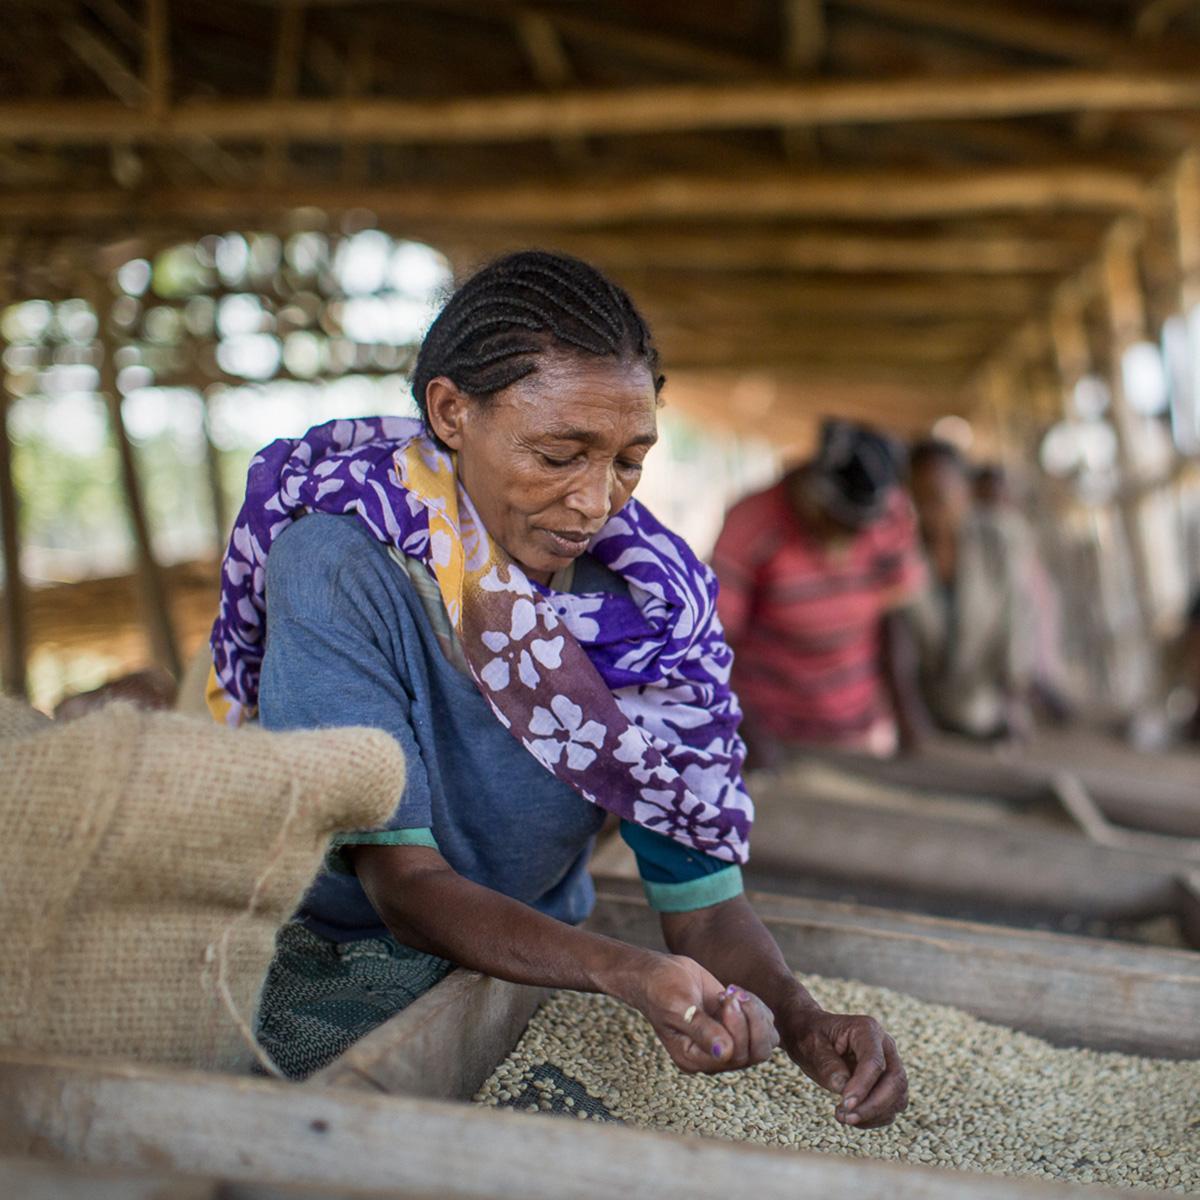 Heikoimmassa asemassa ovat köyhien pienviljelijöiden tiloille kiireisimpinä aikoina palkatut kausityöntekijät. Heikon toimeentulon ohella naisviljelijöiden ja -työntekijöiden asemaa hankaloittavat muun muassa syrjintä, seksuaalinen häirintä ja vähäiset perhevapaat. Kuva: Chris Perry.